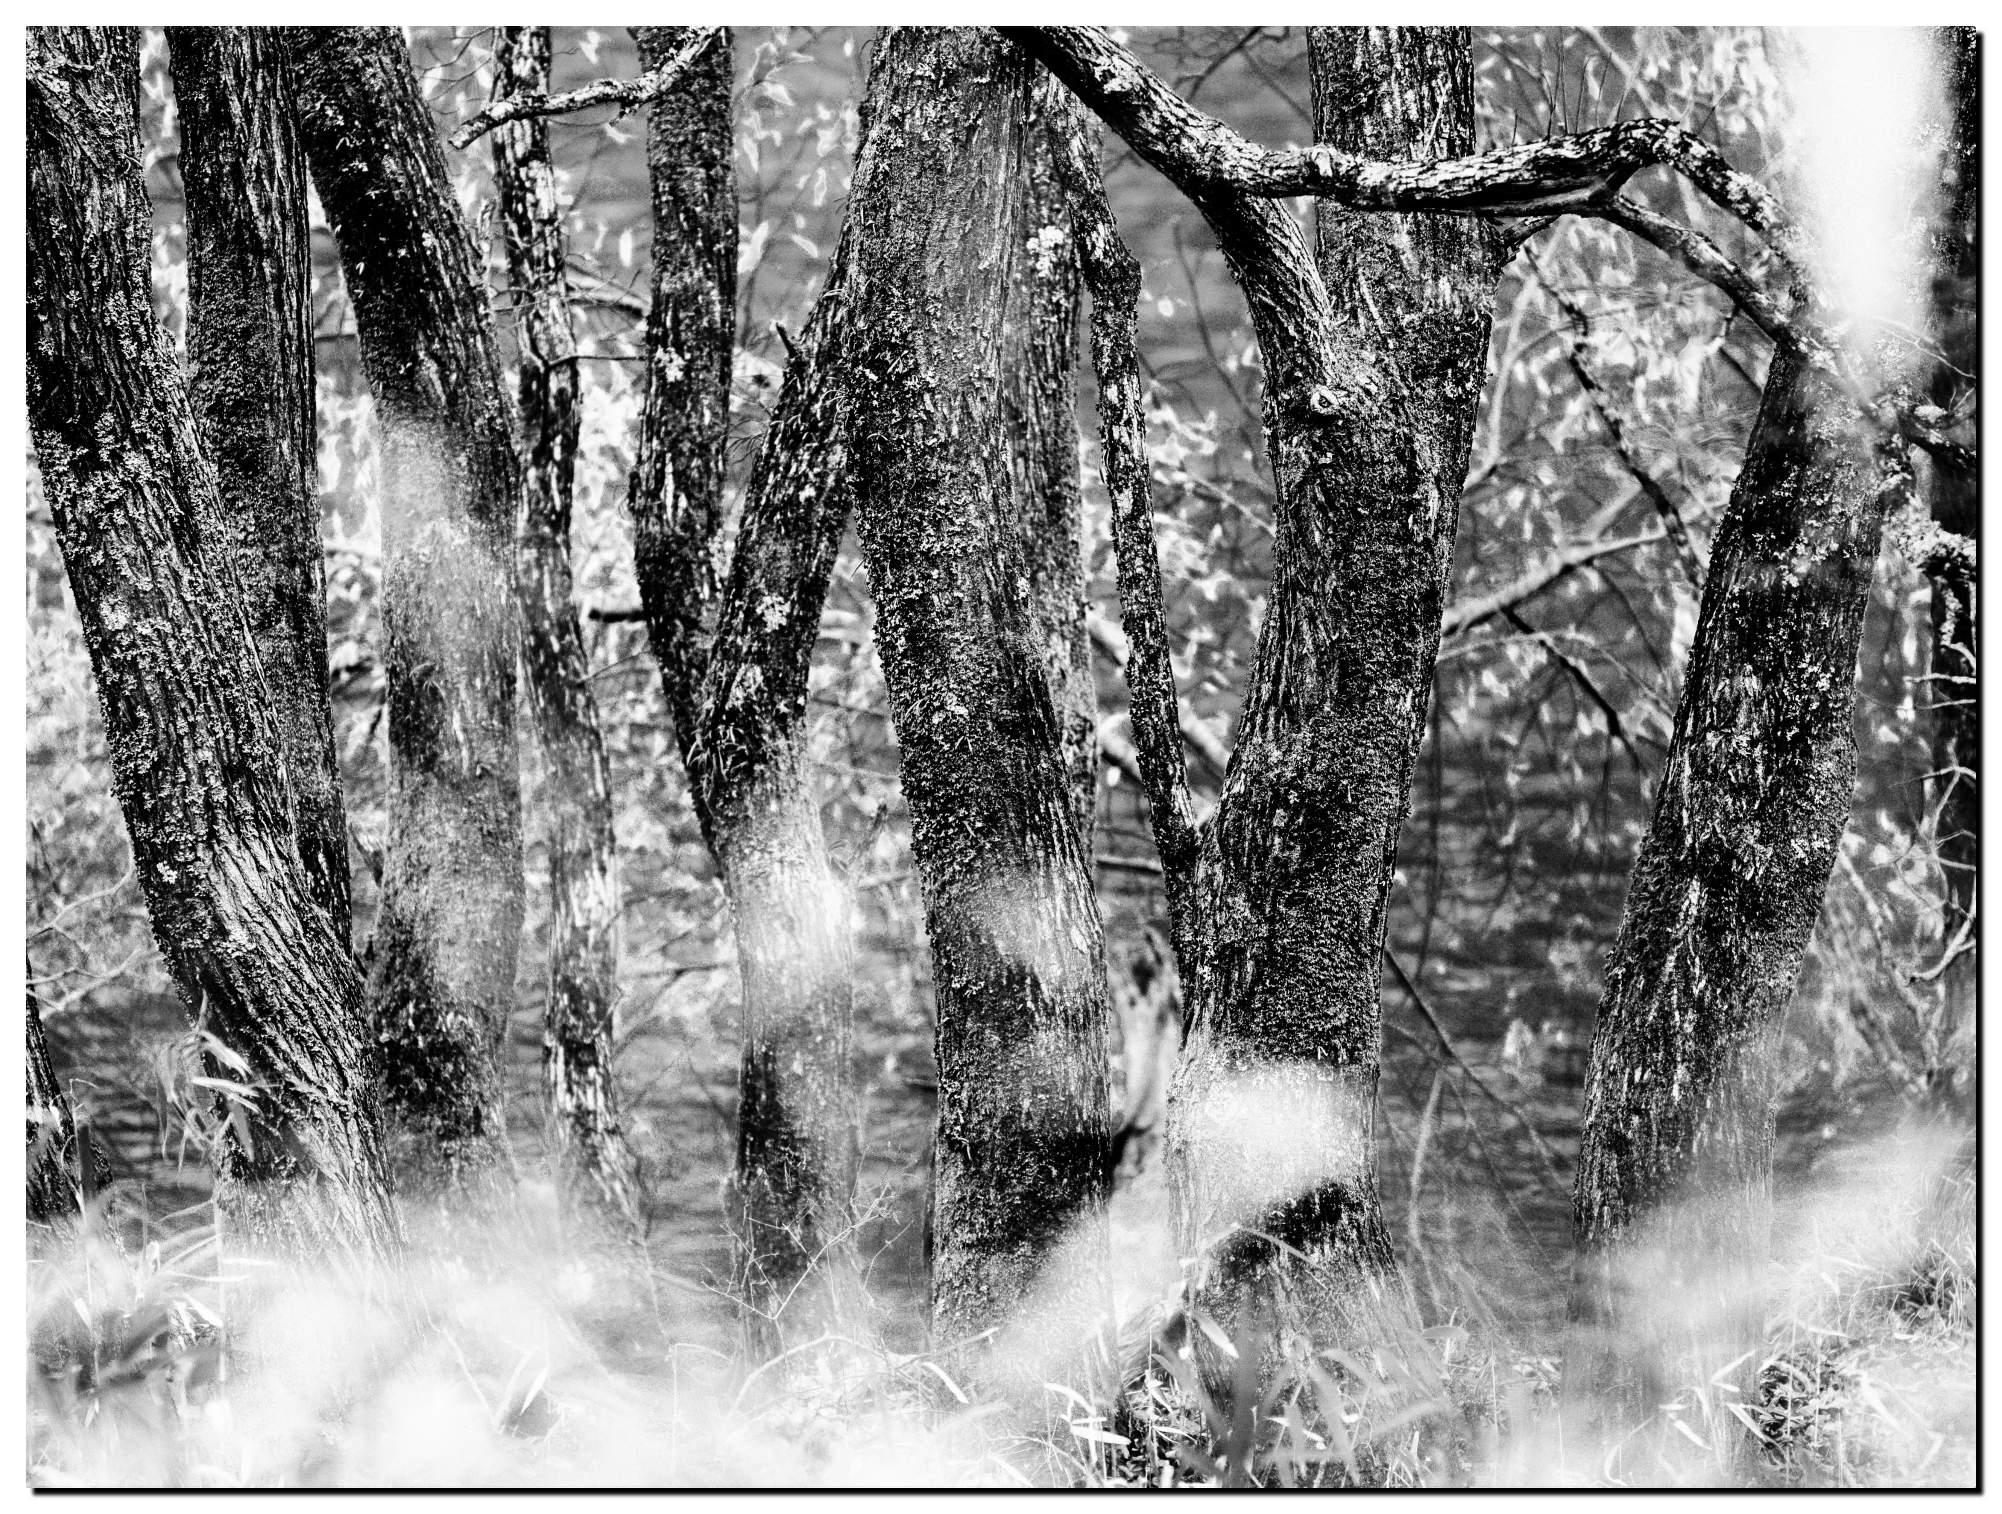 01LR-PF140959-Edit-2-1.jpg